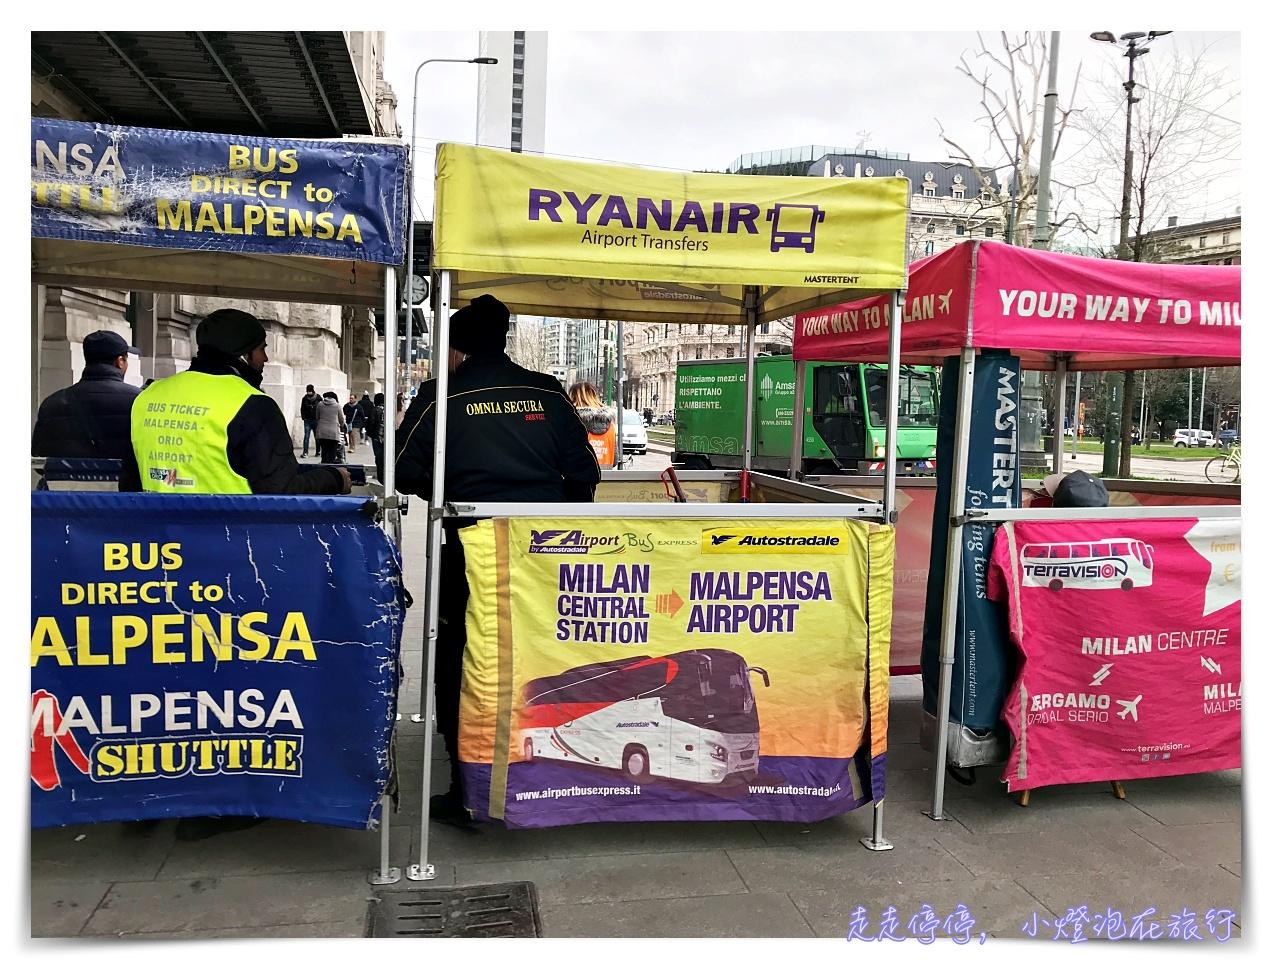 米蘭中央車站來往MXP機場交通方式|機場巴士V.S機場快捷Malpensa Express大PK~